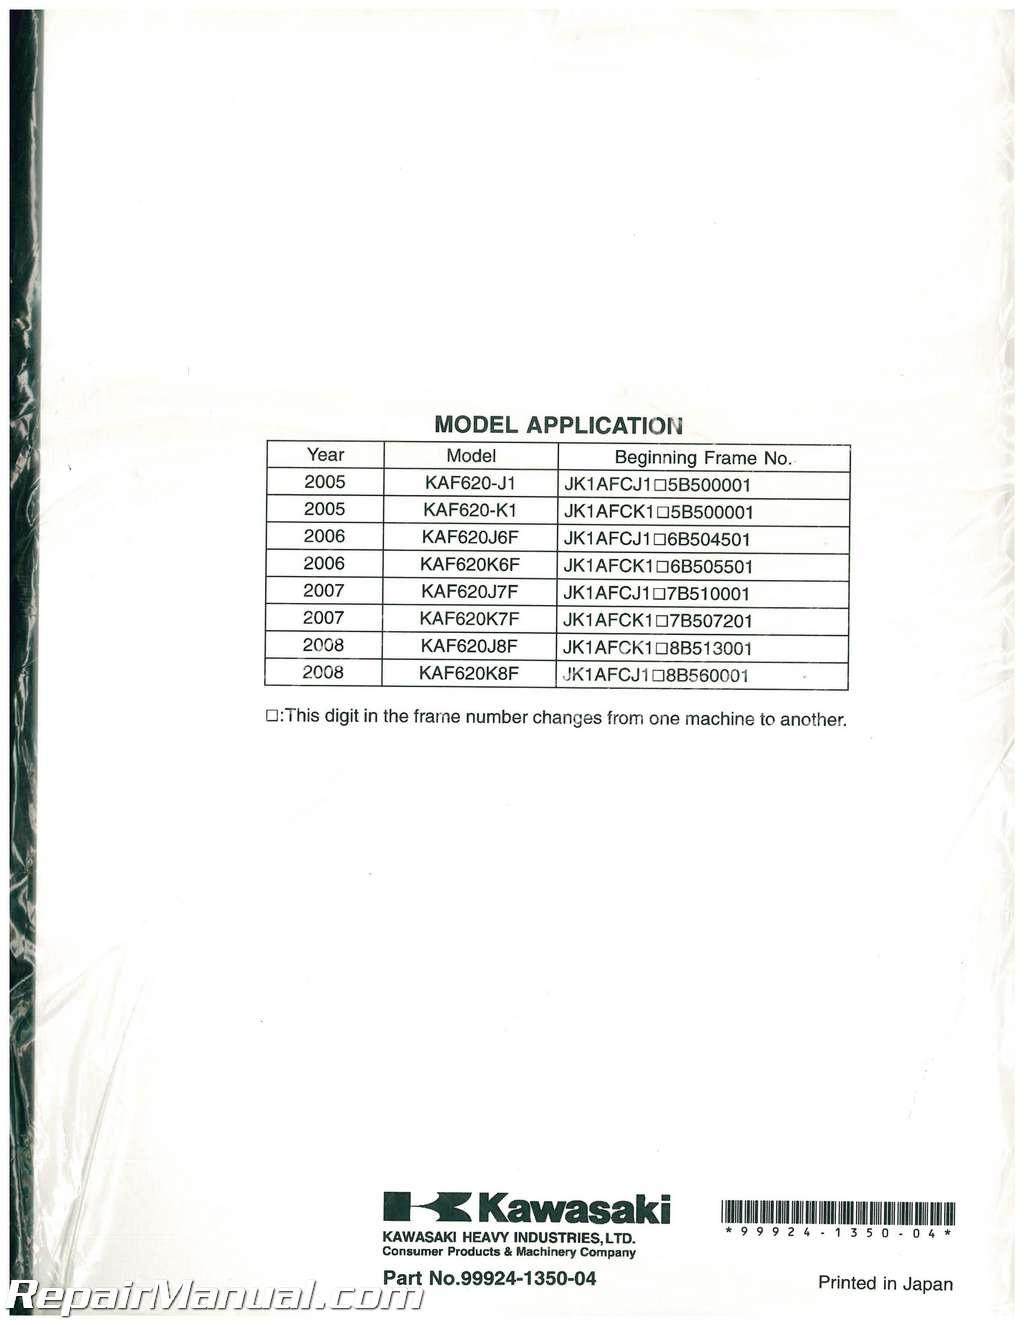 2005 Kawasaki Mule 3010 Manual